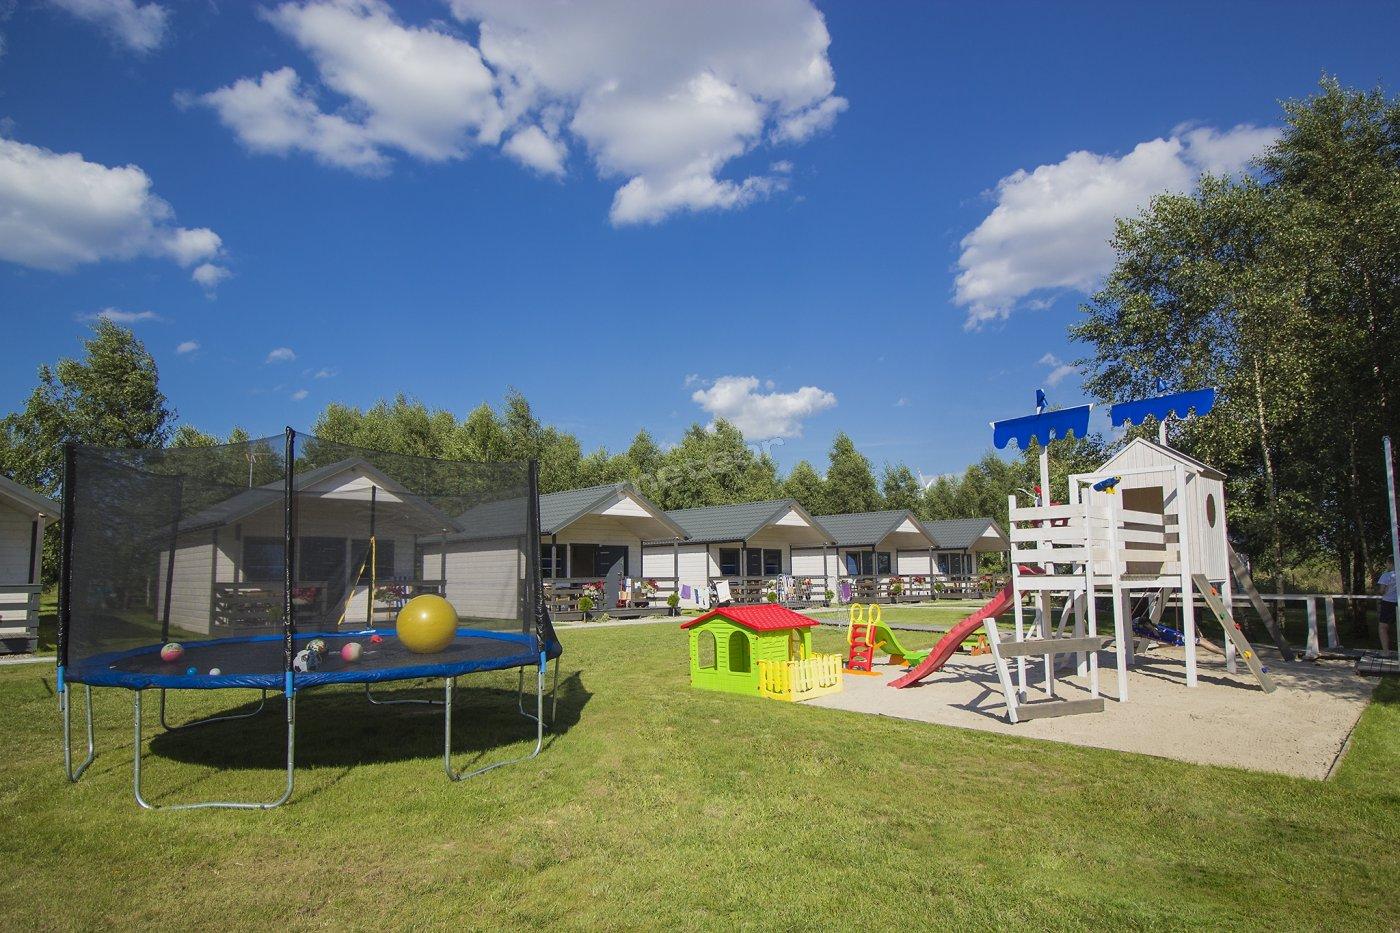 Plac zabaw w Morskiej Przystani, to miejsce rozrywki dla dzieci w różnym wieku. Dla mniejszych i większych mamy coś dobrego: trampolina, zjeżdżalnia duża i mała, domek drewniany i z bezpiecznego tworzywa, duża piaskownica, bramki do gry w piłkę. Na dużym ogrodzonym terenie dzieci będą bezpieczne